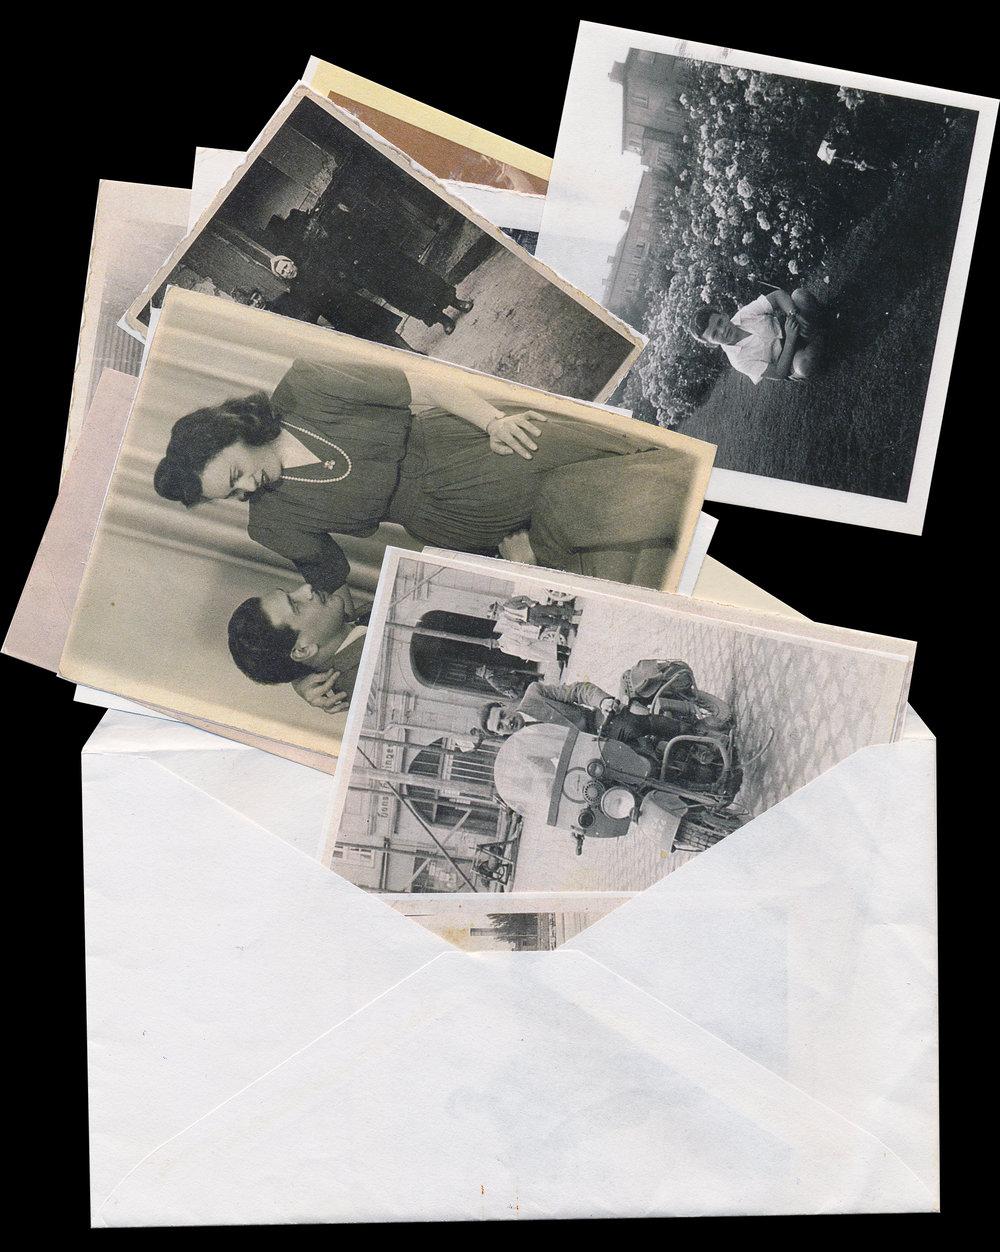 envelopeofphotos copy.jpg